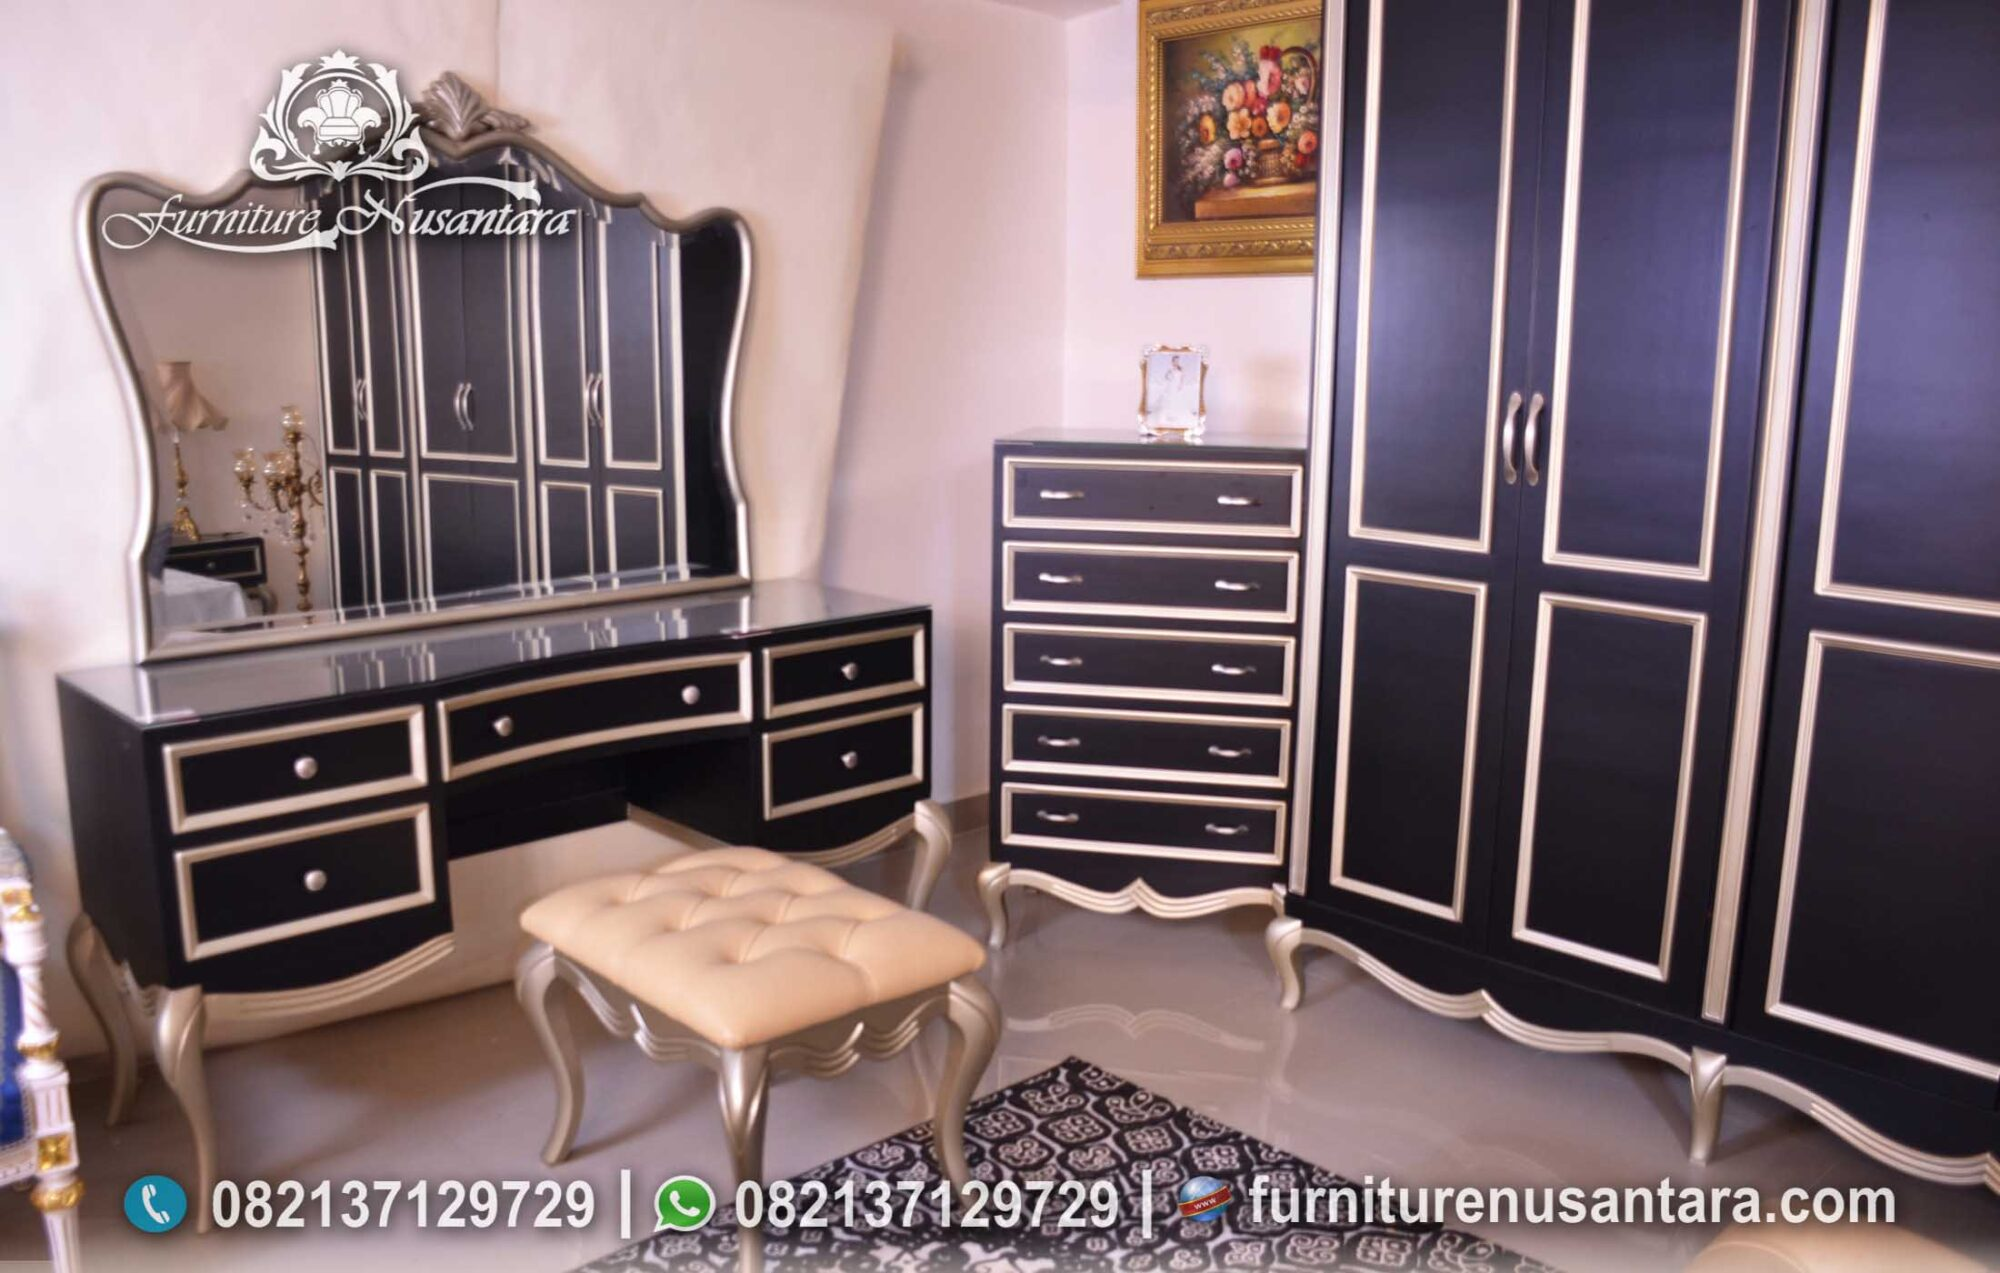 Jual Kamar Set Klasik Ukir Harga Murah KS-226, Furniture Nusantara